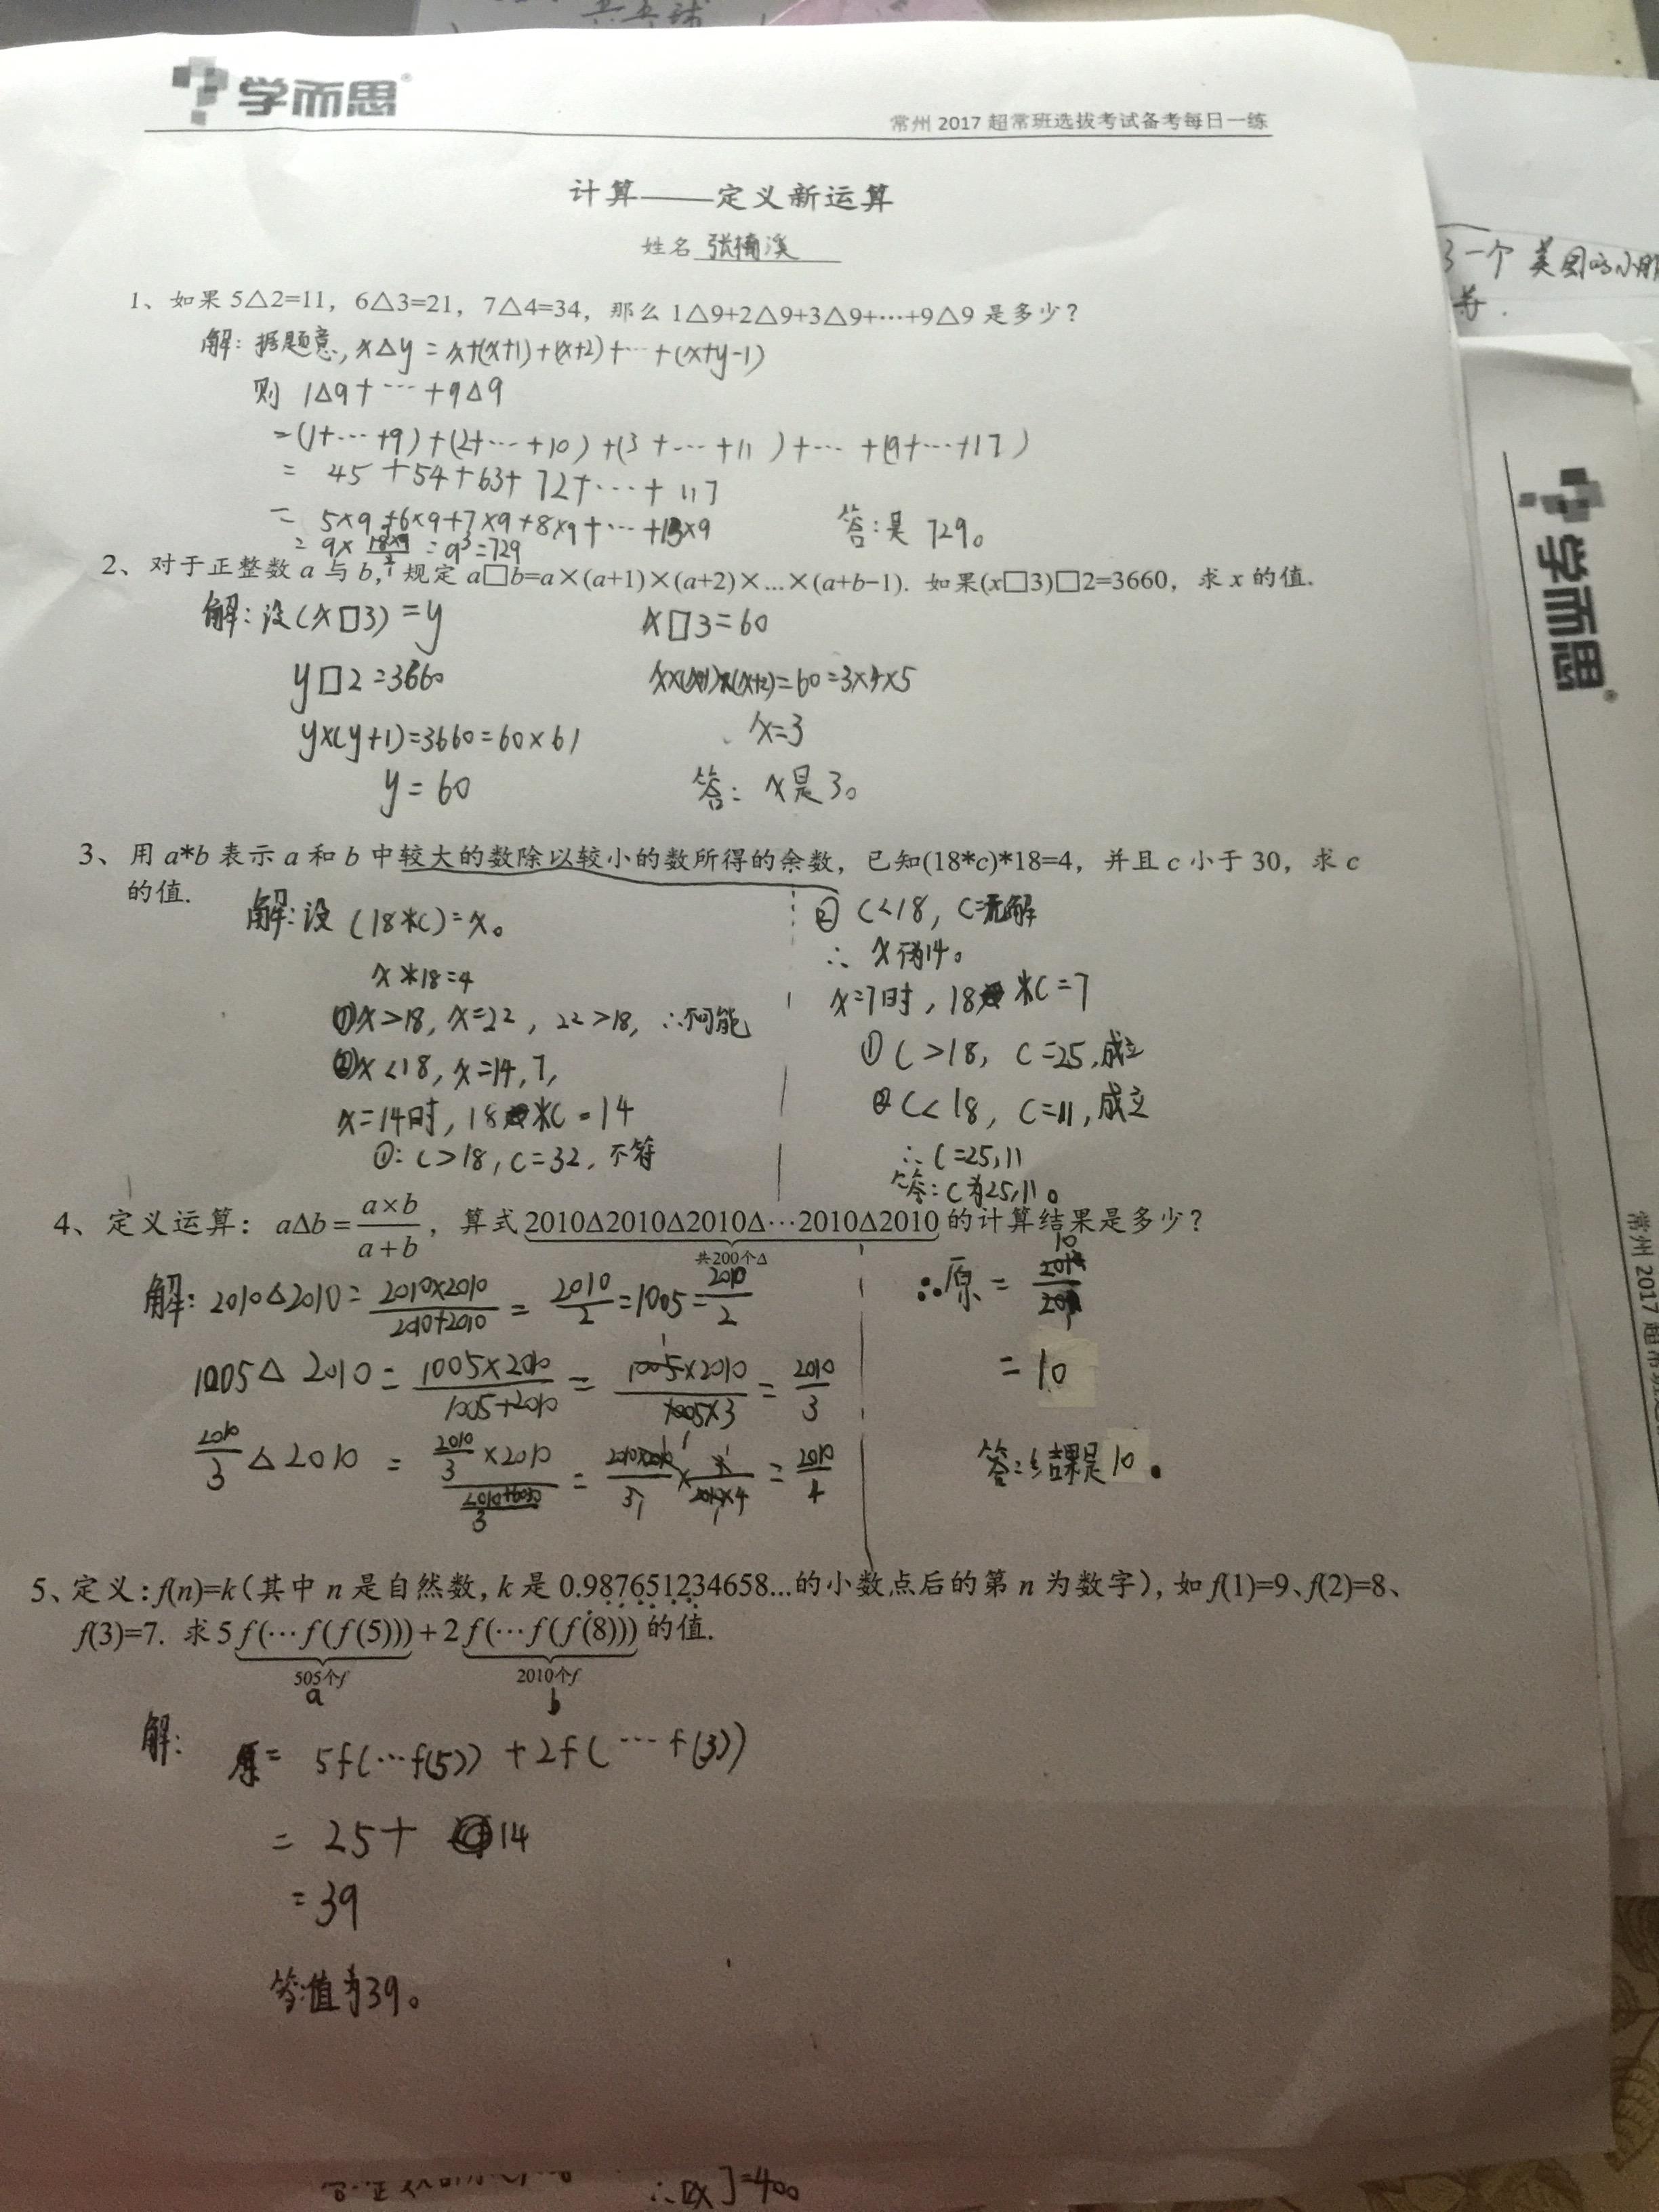 9B4D0294-DF5A-4113-B107-5F02D6EE4FEA.jpg